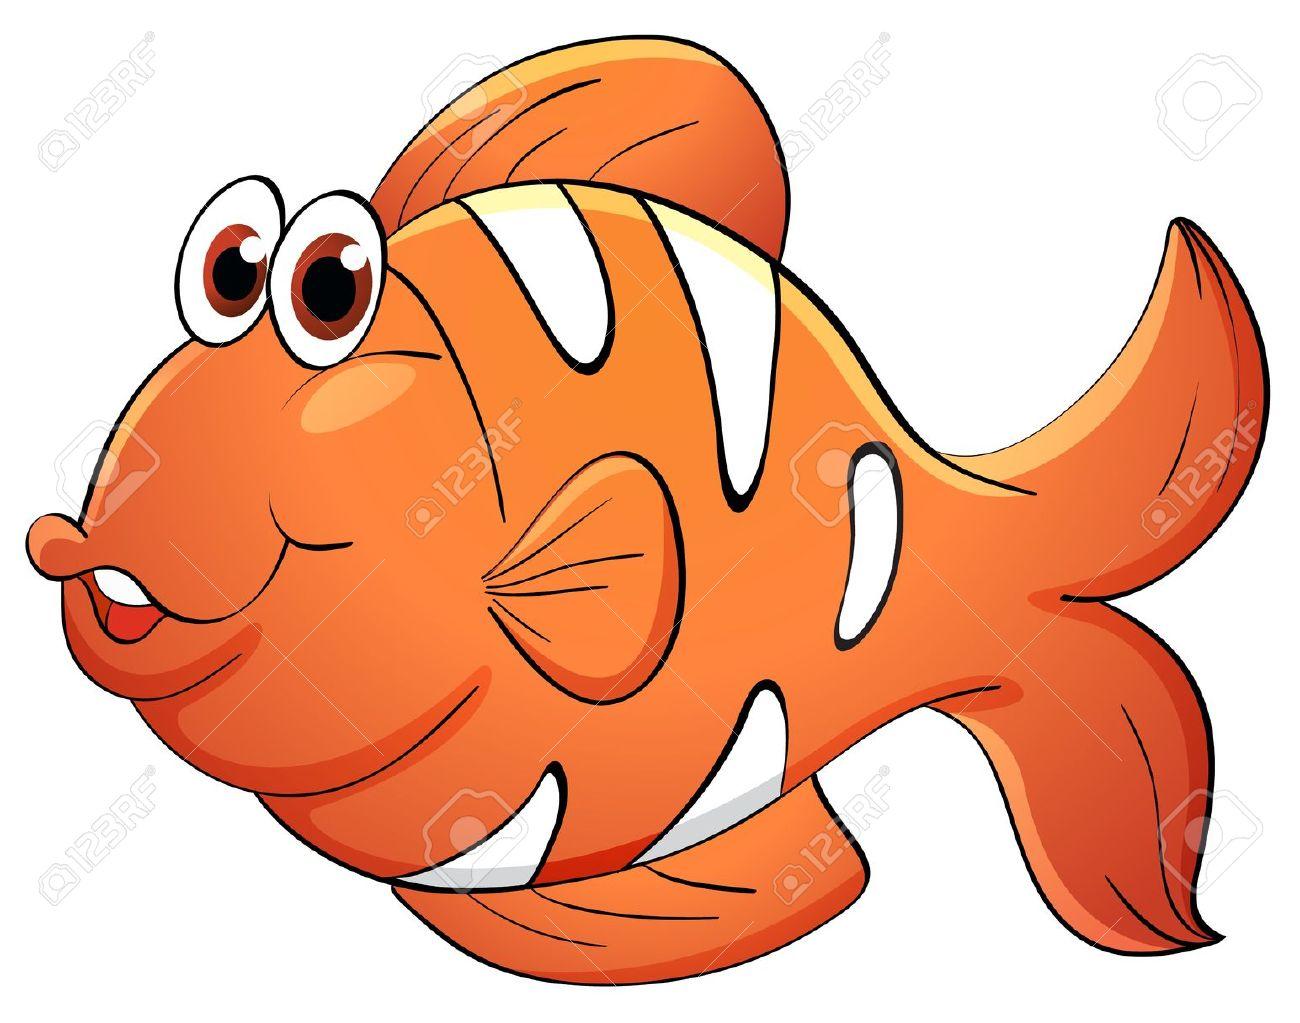 Orange Fish Clipart | Free download best Orange Fish Clipart on ... for Cooked Fish Clipart  55jwn